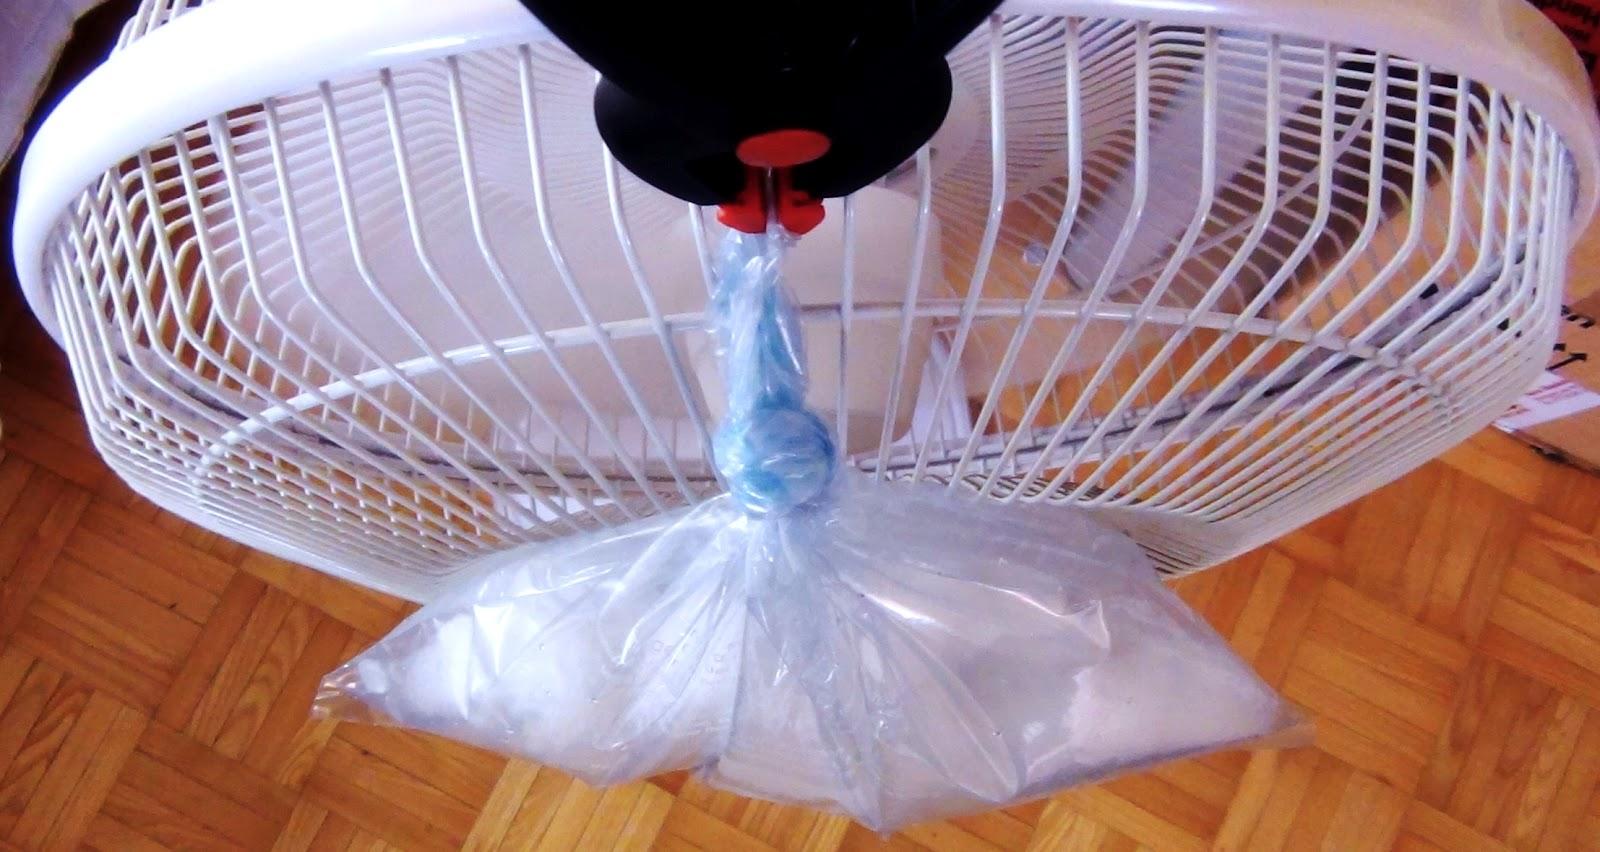 ventilator mit eis klimaanlage und heizung zu hause. Black Bedroom Furniture Sets. Home Design Ideas